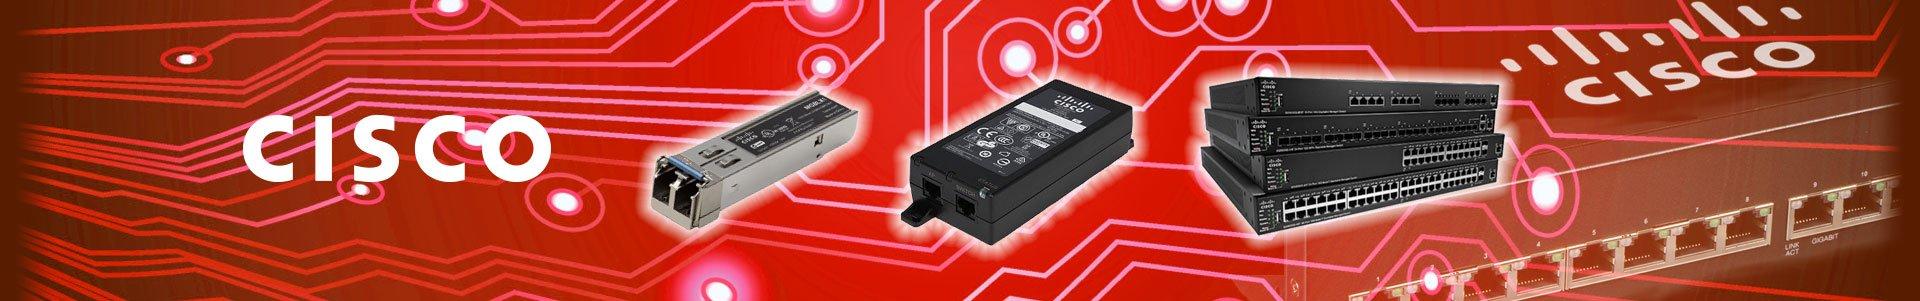 Cisco Routers 7200 Series | ZOOstock com